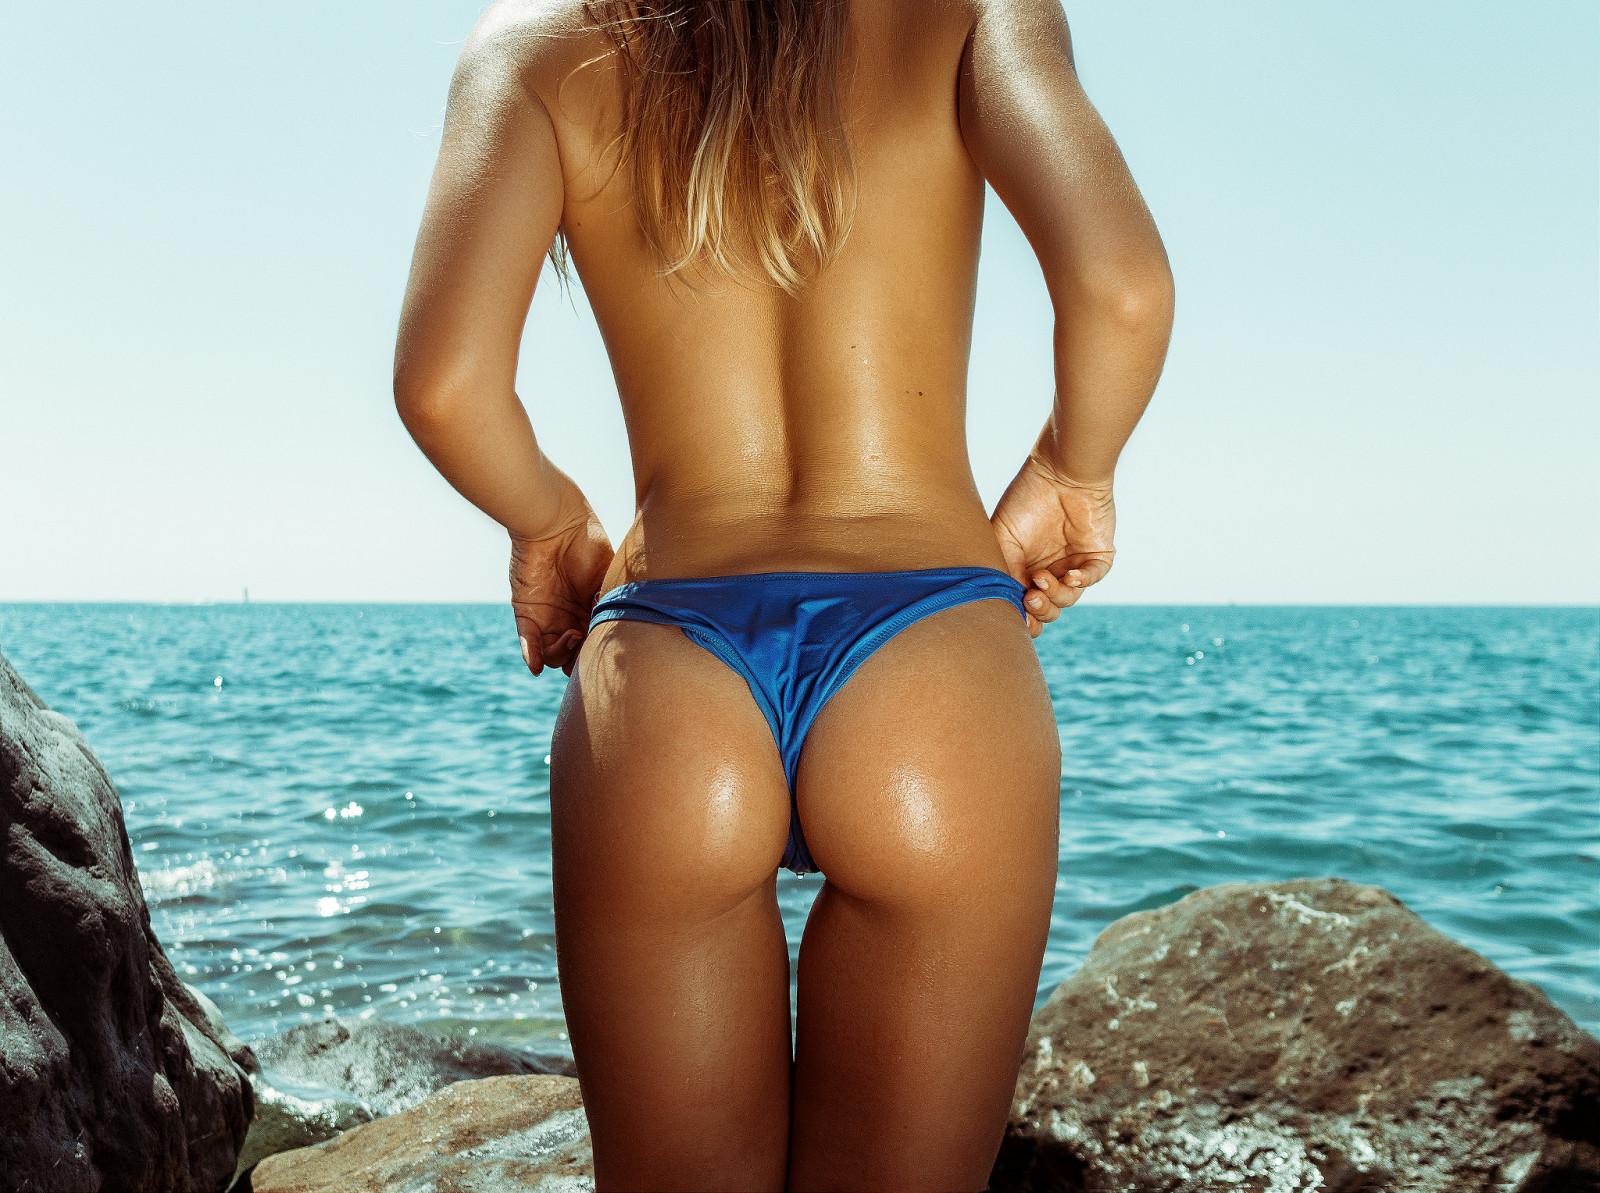 картинки девушек в стрингах на море нас теперь